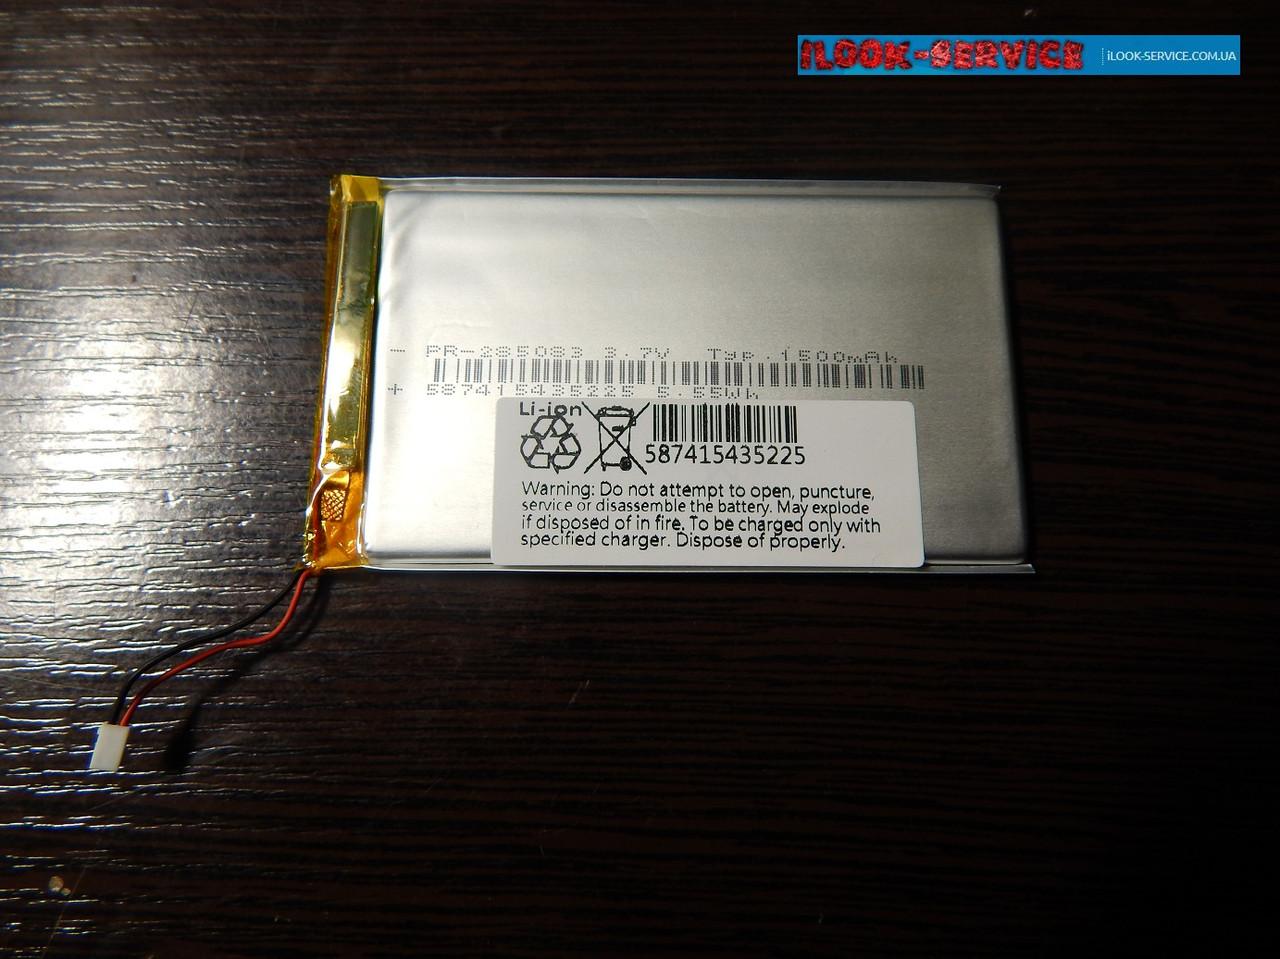 Аккумулятор, батарея 1500 mAh Pocketbook 631 Touch HD 1 2 Kobo  Nook GlowLight Plus Kindle